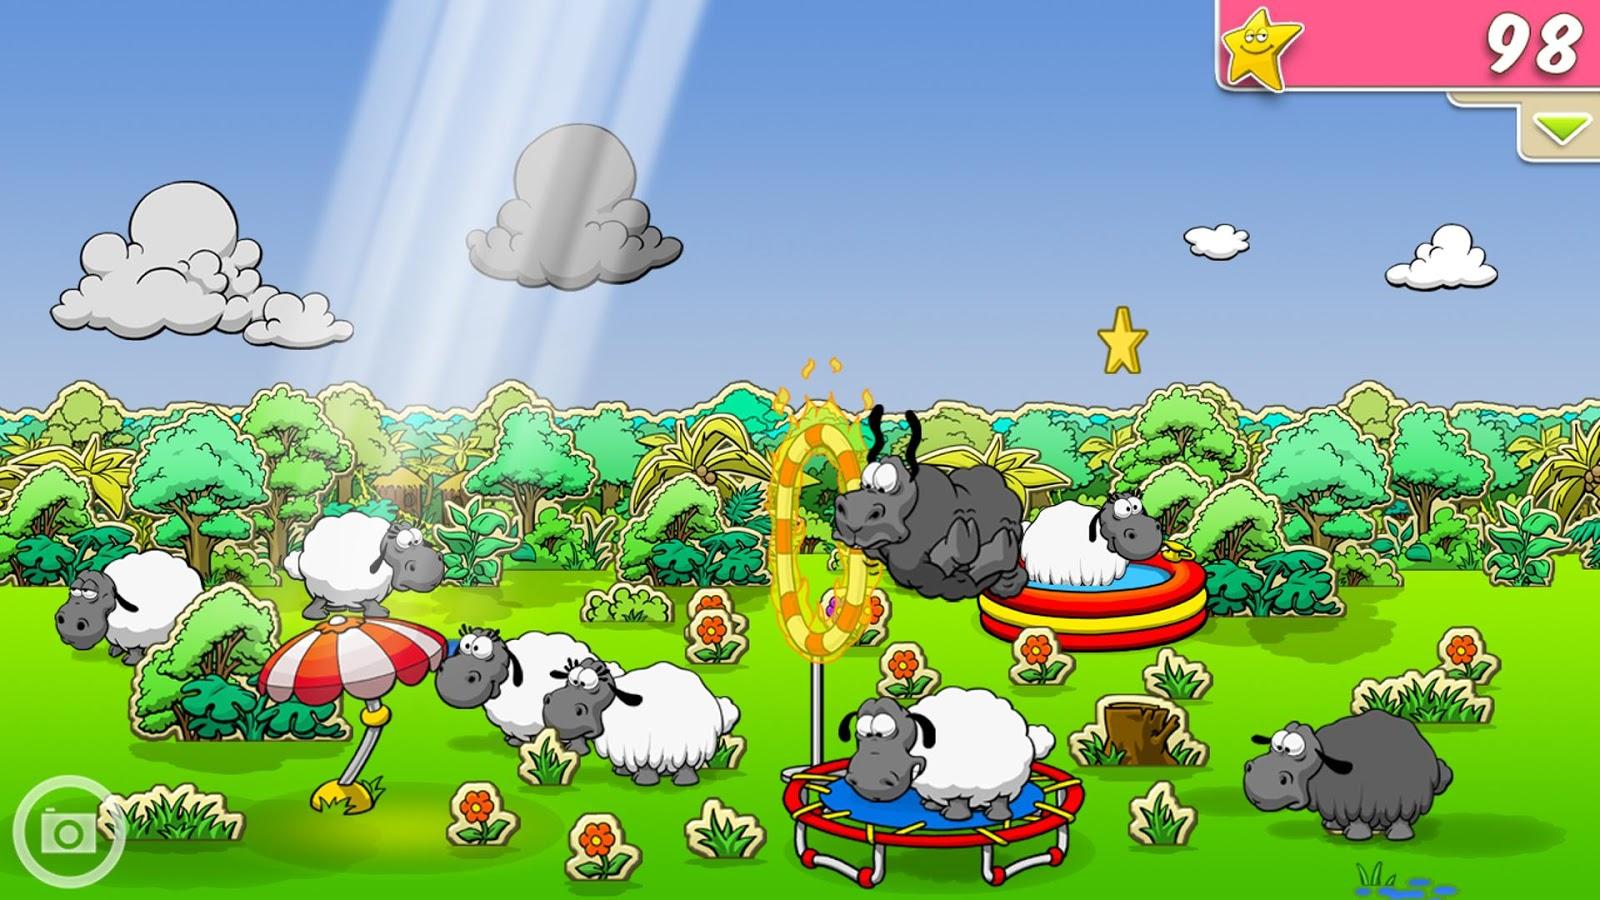 Clouds sheep скачать бесплатно на компьютер